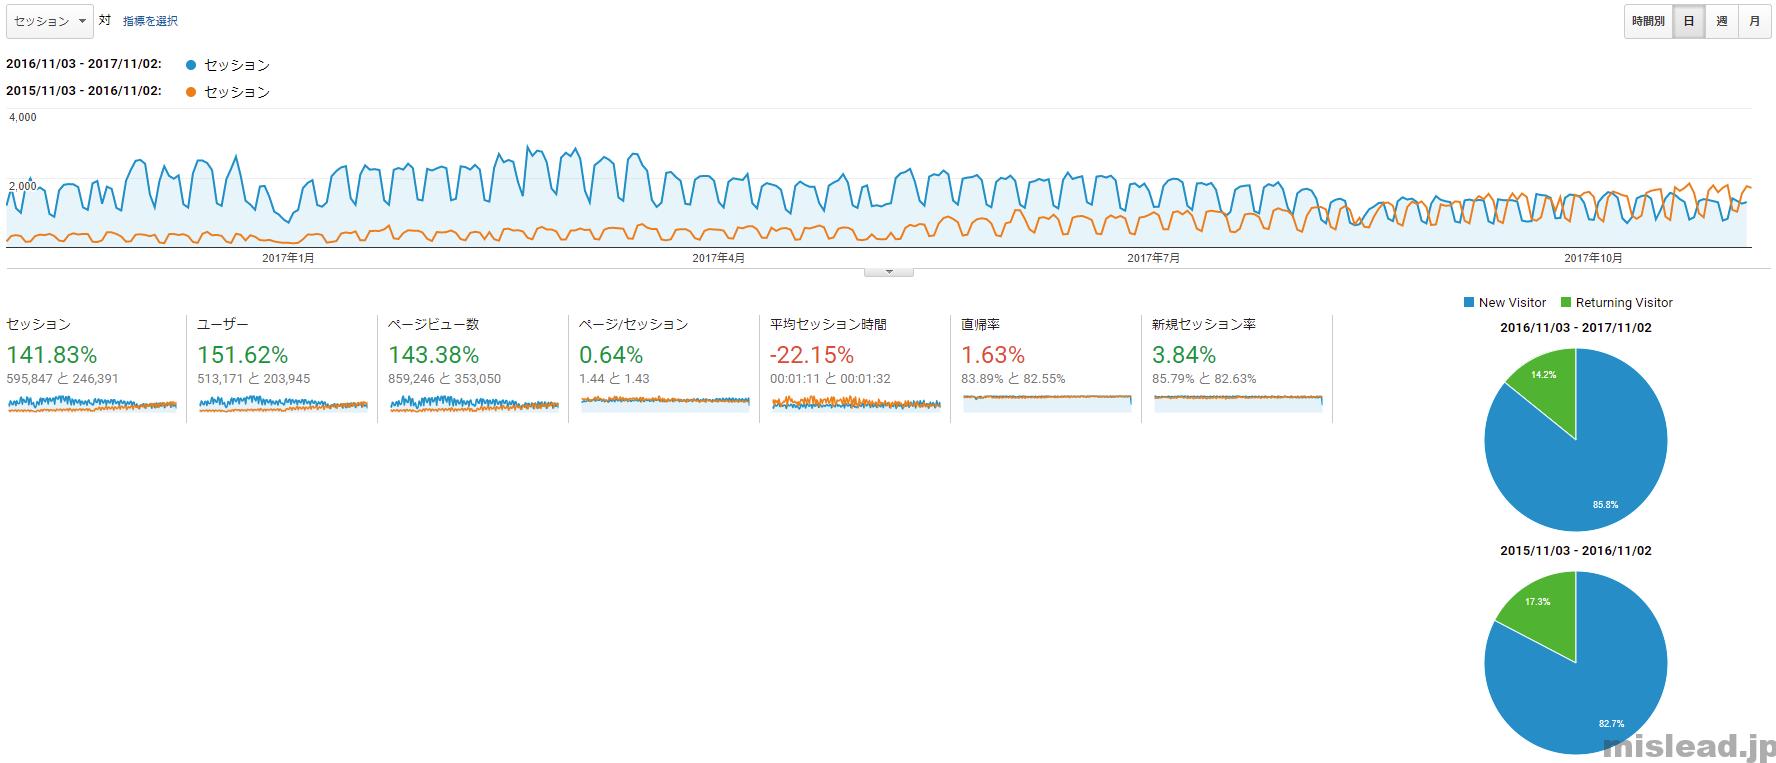 ブログ三周年 昨年度対比較